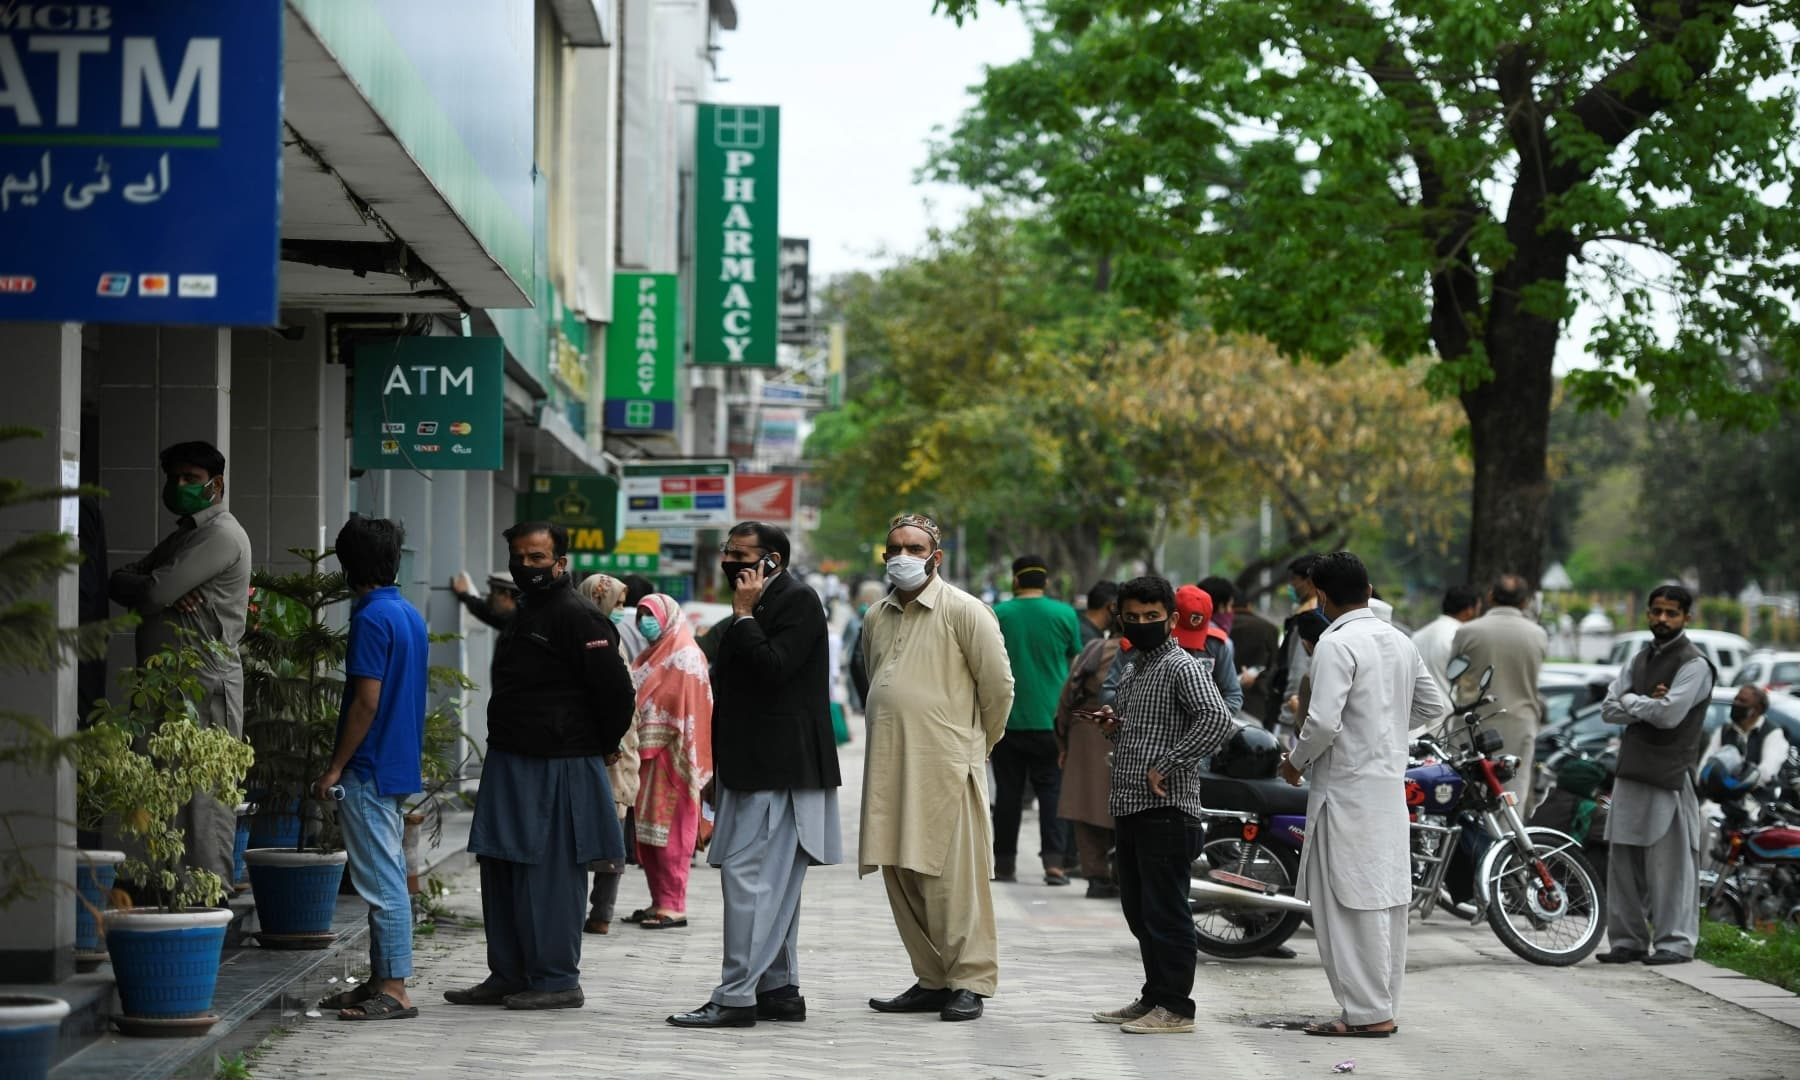 اسلام آباد میں ایک بینک کے باہر عوام پیسے نکالنے کے لیے فیس ماسک پہنے لائن میں لگے ہیں – فوٹو: اے ایف پی